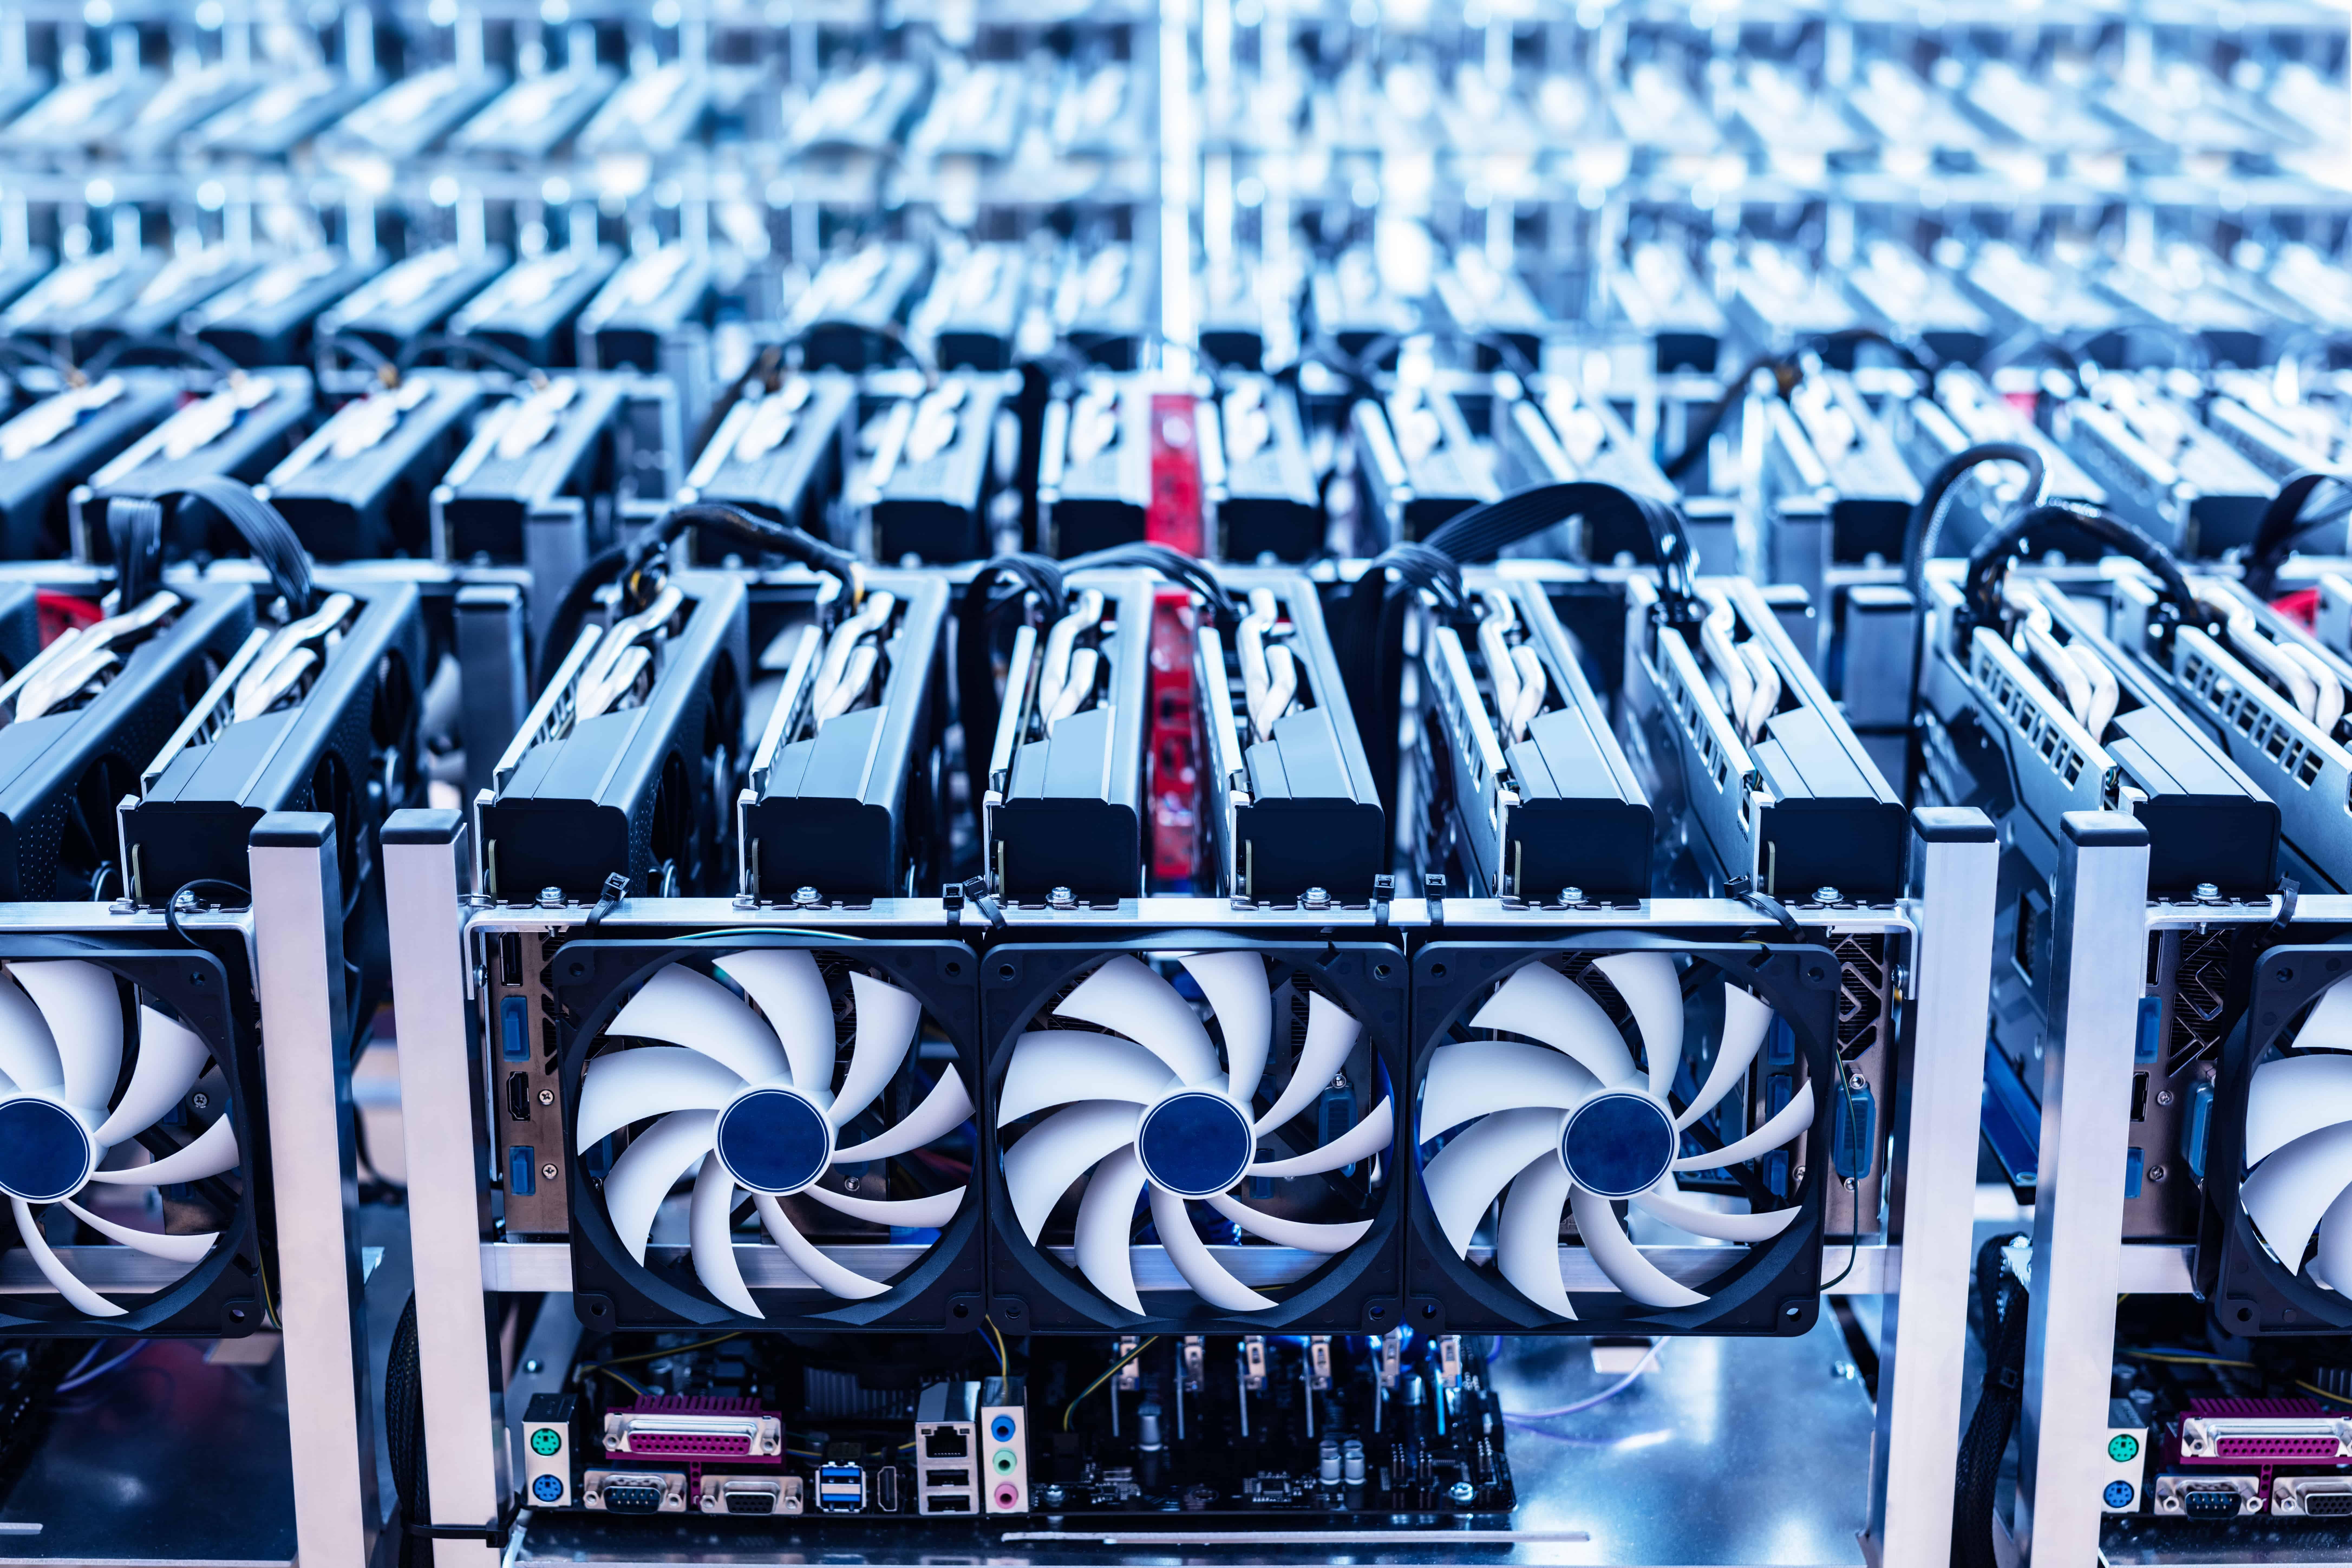 bitcoin mining farm it hardware PMCWJGQ